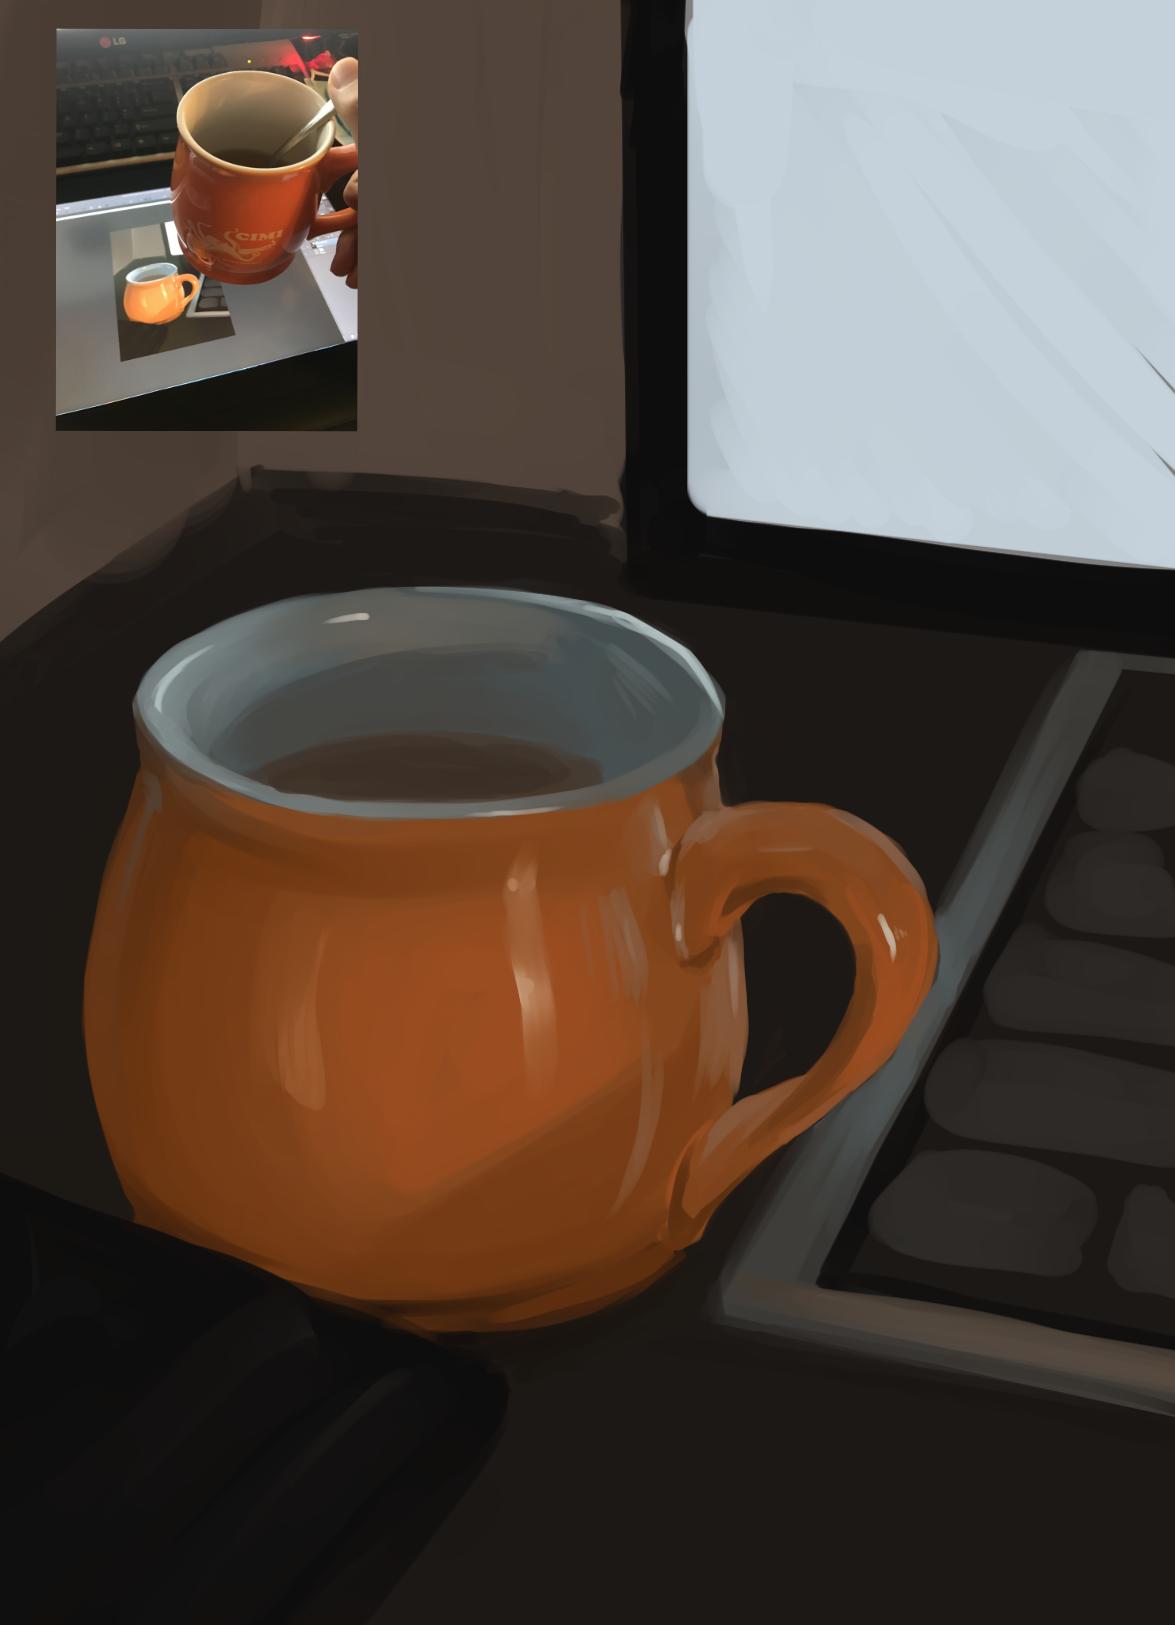 Mug Study